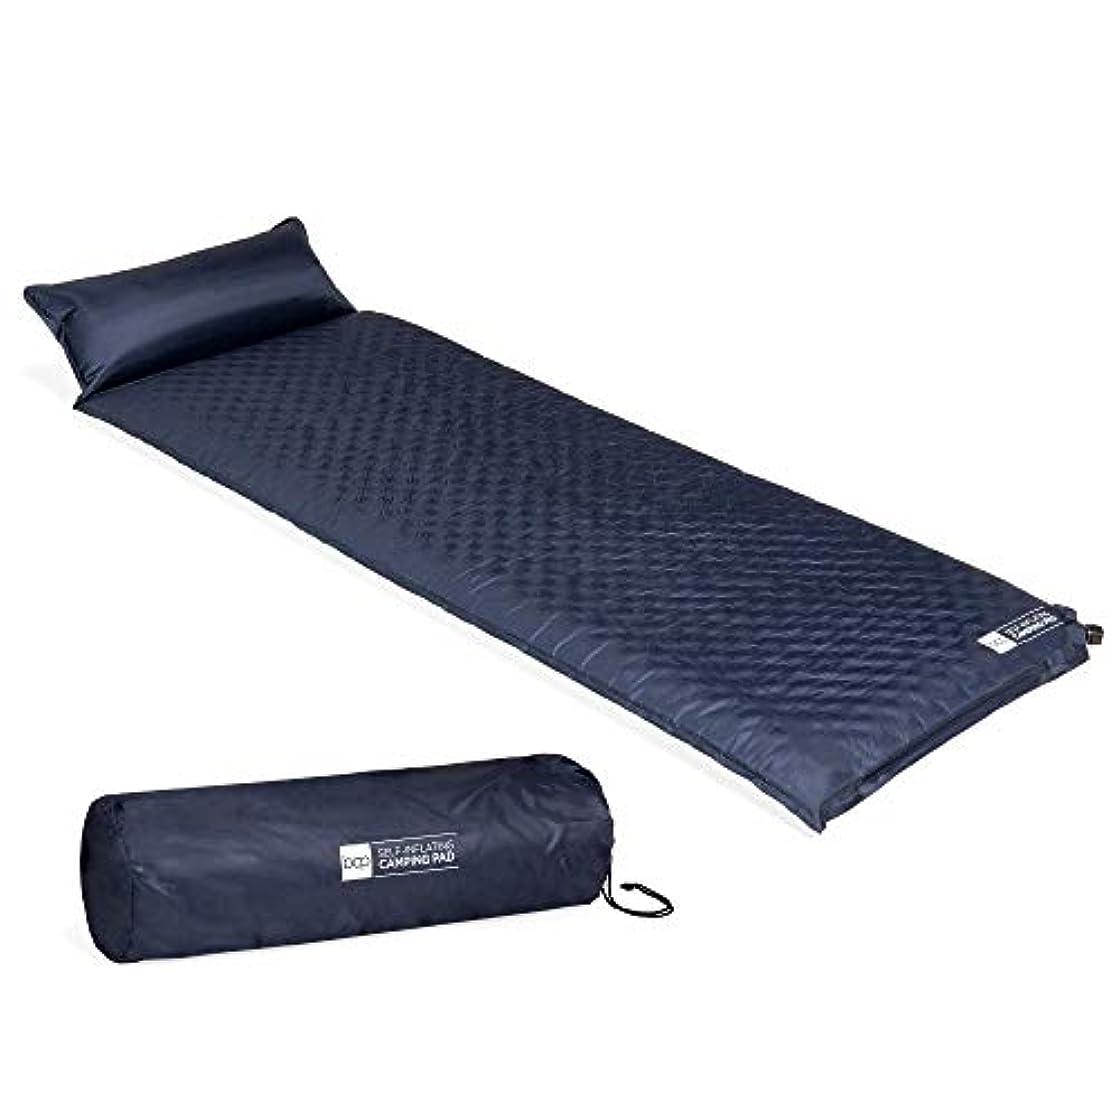 空気おびえた獲物Best Choice Products 軽量 耐候性 自己膨張 タフテッド キャンプ 睡眠パッド 枕付き キャリーケース